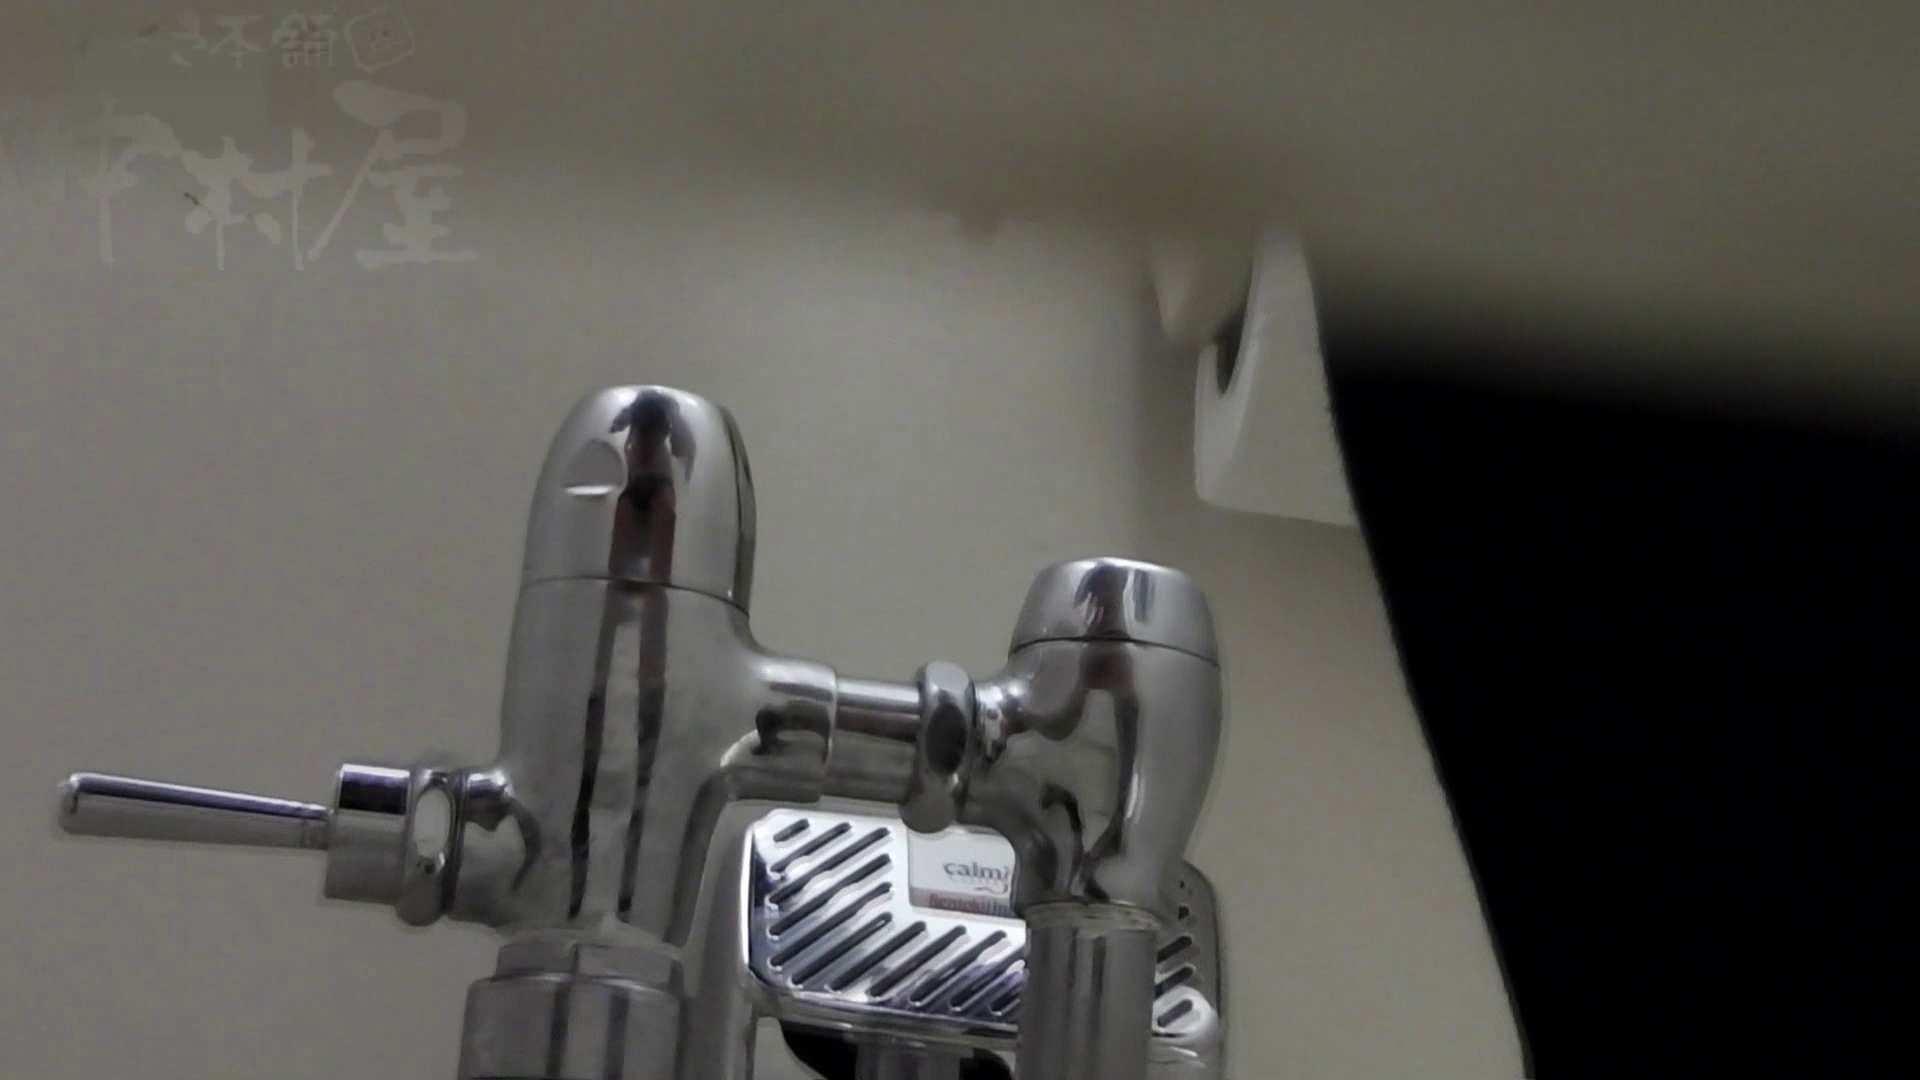 美しい日本の未来 No.06 更に侵入フロント究極な画質 トイレの中の女の子 AV動画キャプチャ 76連発 12